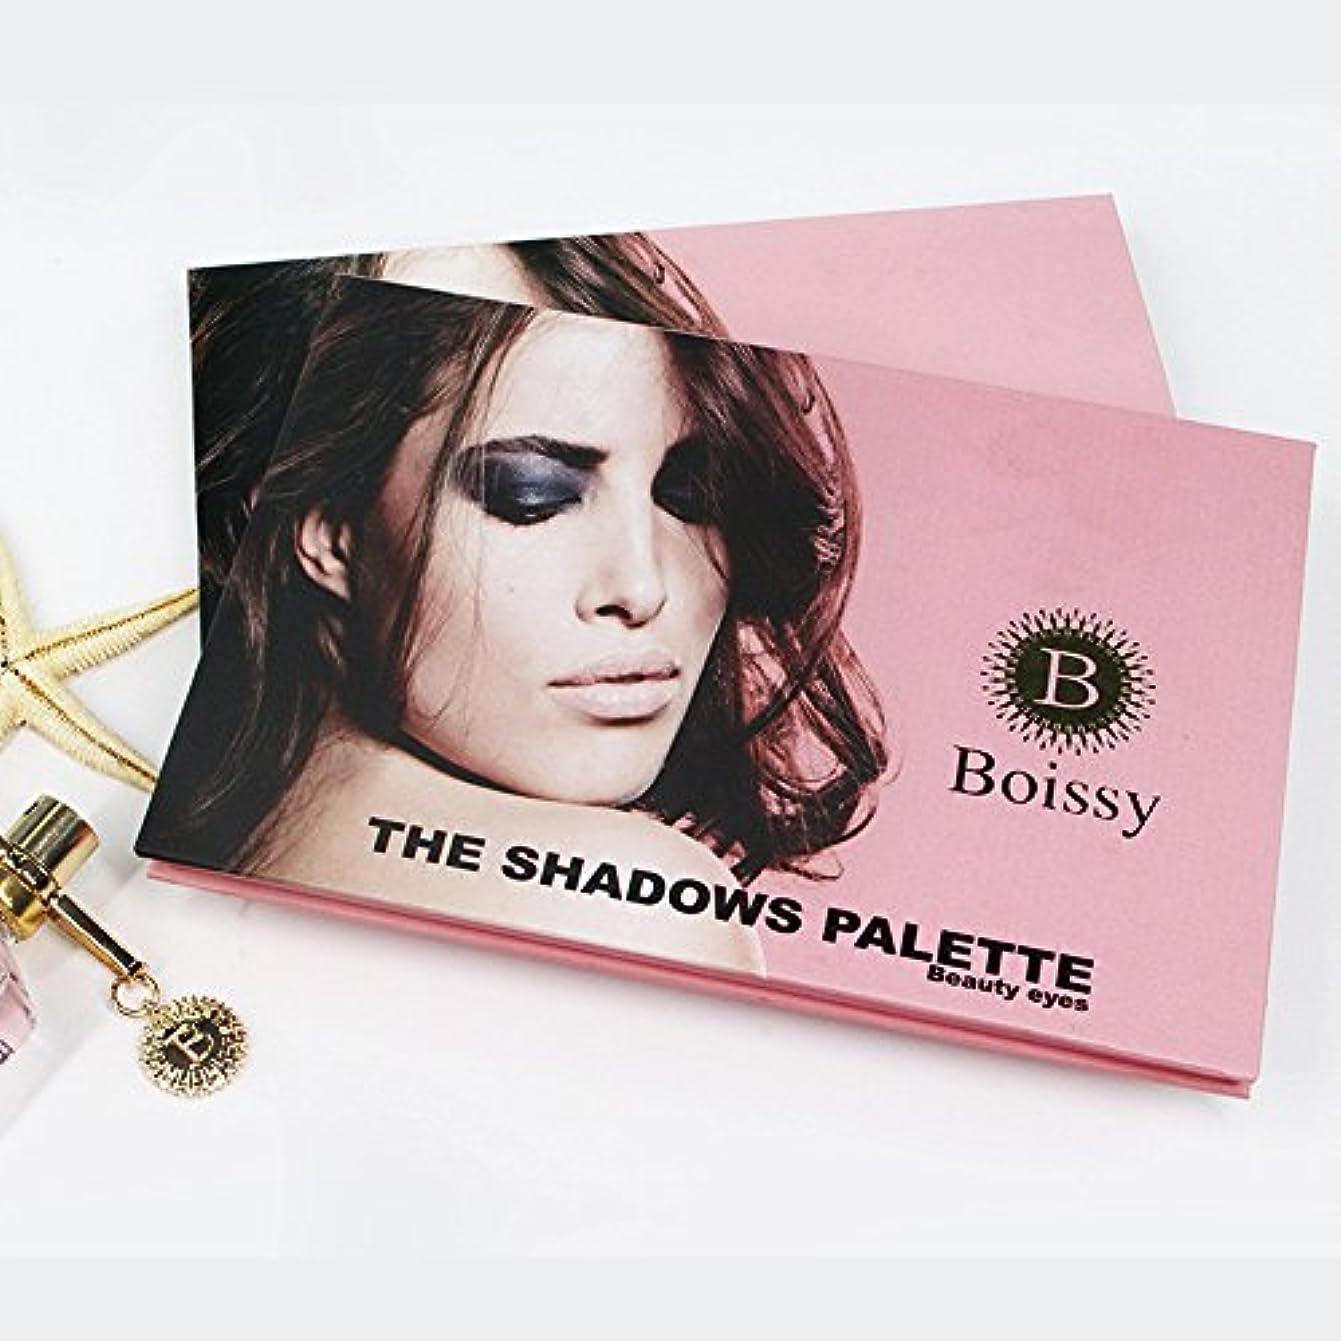 ストリーム宝セットアップAkane アイシャドウパレット BOISSY ファッション 可愛い 魅力的 キラキラ 人気 ピンク 綺麗 長持ち おしゃれ 防水 チャーム 日常 持ち便利 Eye Shadow (24色)